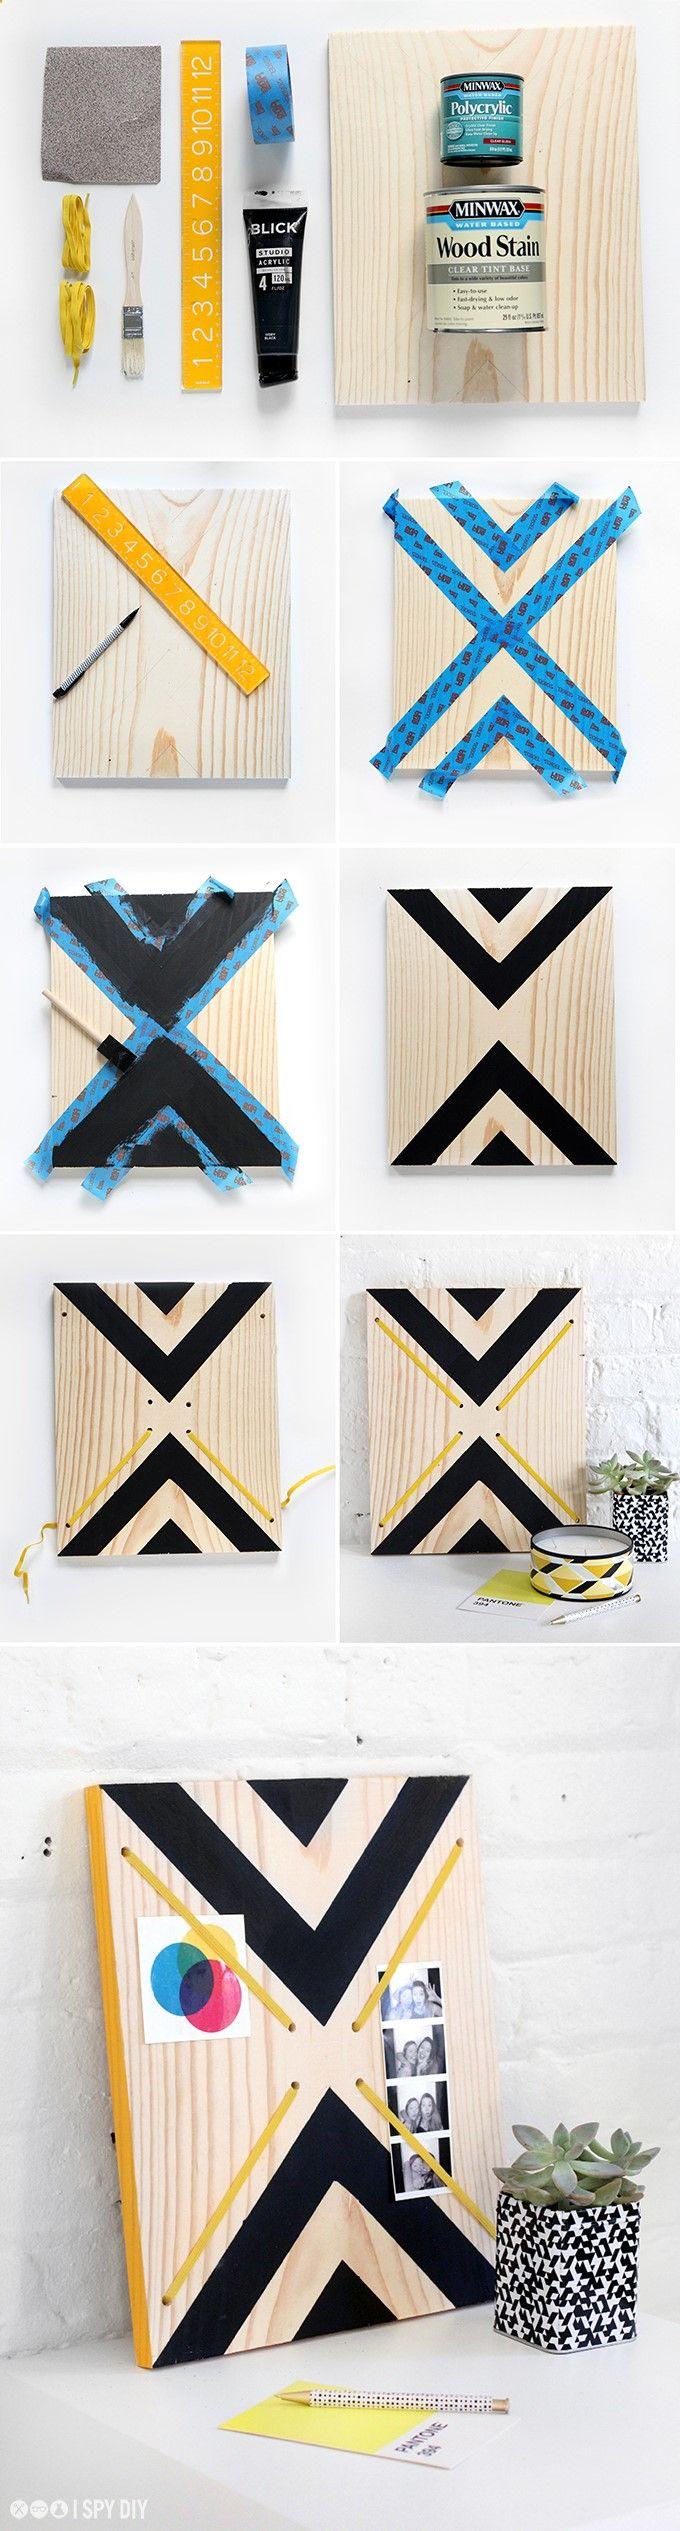 DIY Bois : Tableau en bois. Réalisez simplement votre tableau en bois. Utilisez de la peinture acrylique qui a une très bonne accroche sur le bois (pour un usage intérieur). Déclinez ce tableau selon le gré de vos envies : plusieurs formes et dessins sont possibles! Gascogne Bois (www.gascognebois....) vous accompagne à faire rentrer le bois dans votre intérieur! Le bois apporte de la chaleur et une touche naturelle à votre déco. #diy #bois #tableau